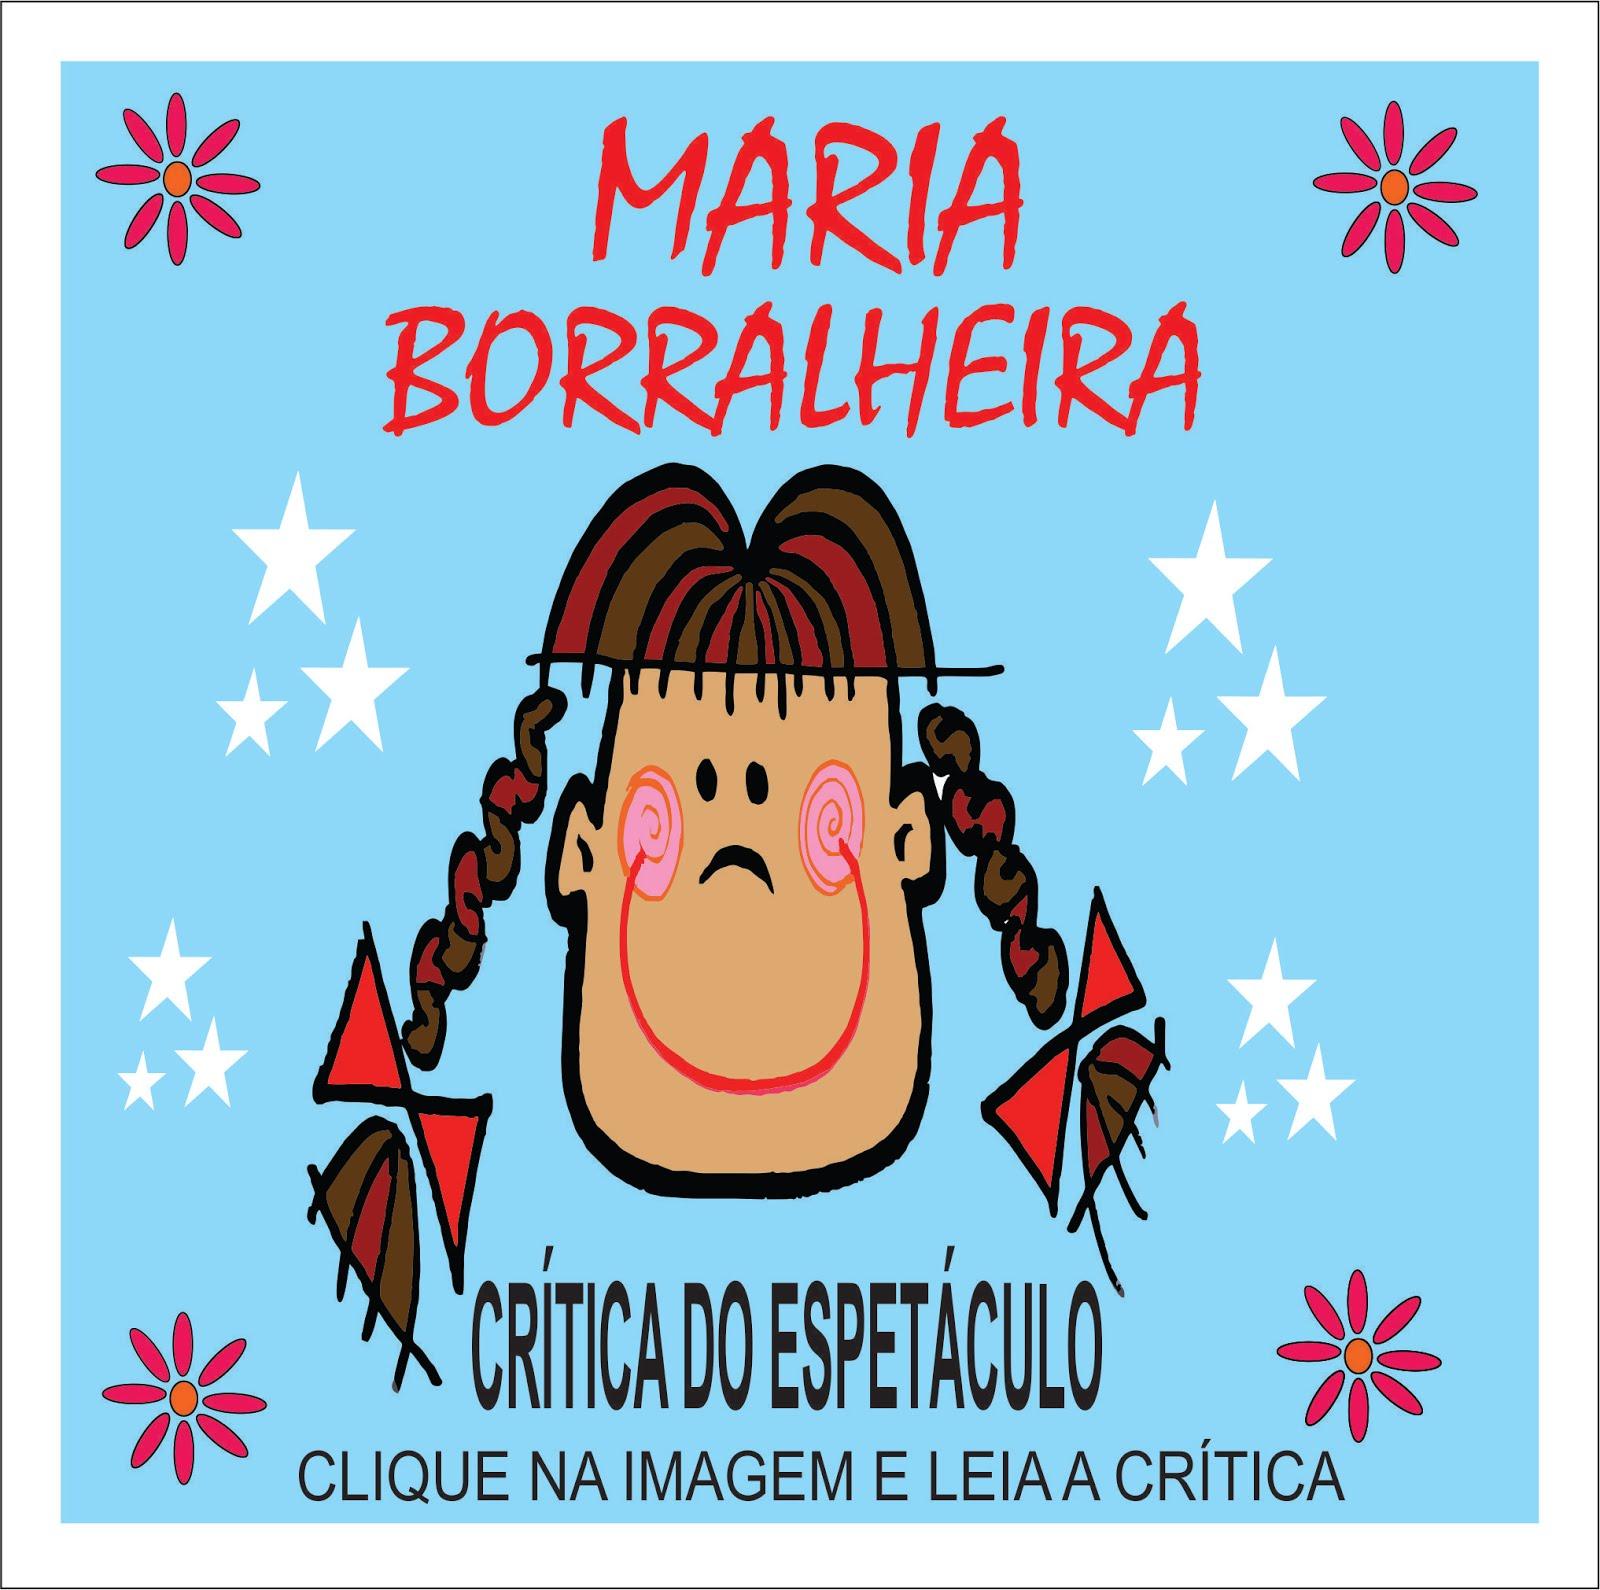 MARIA BORRALHEIRA - CRÍTICA